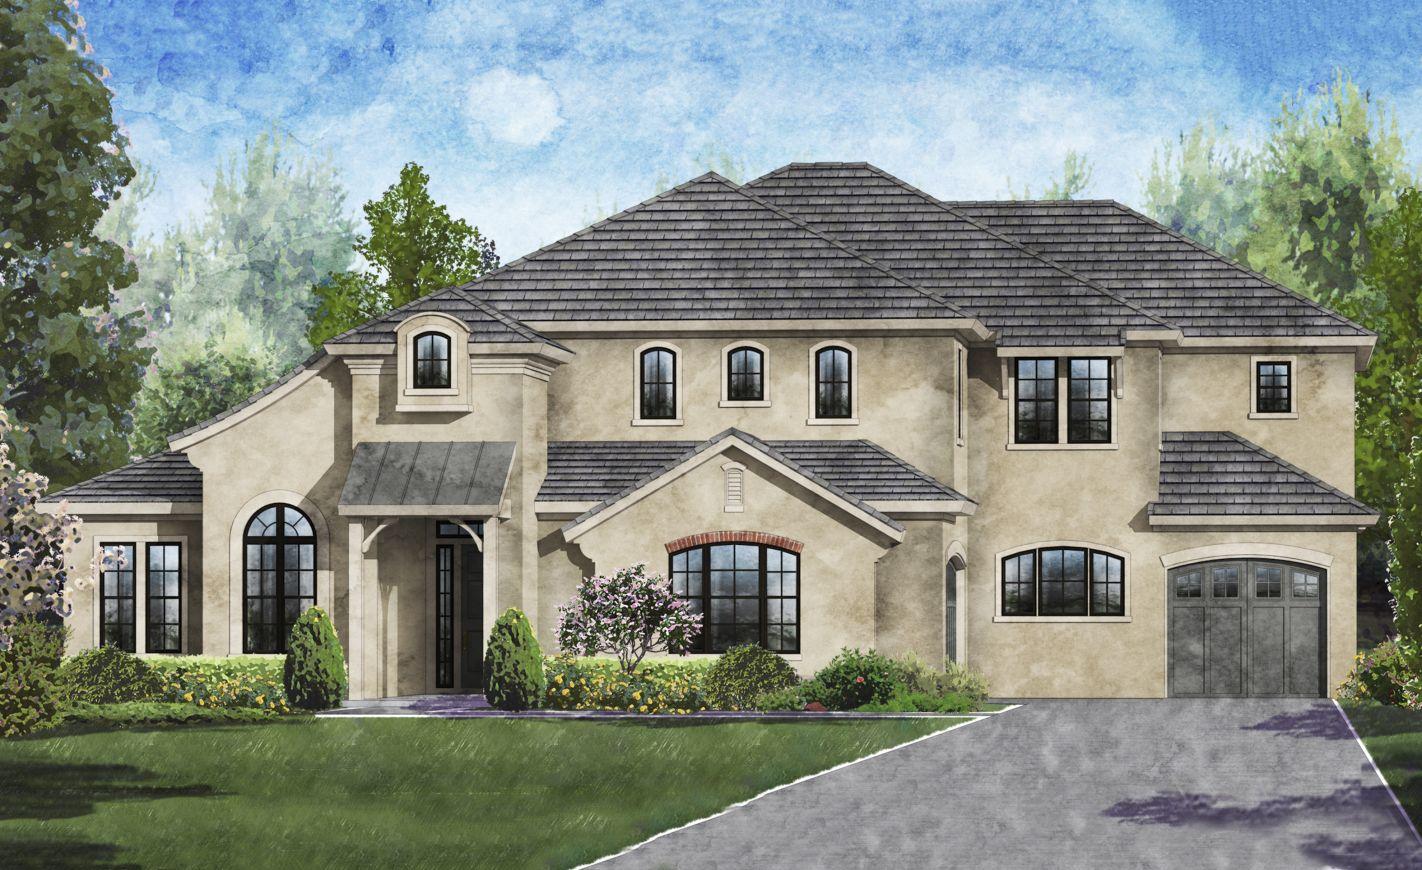 Nocatee Homes for Sale - The Vanderbilt at Nocatee